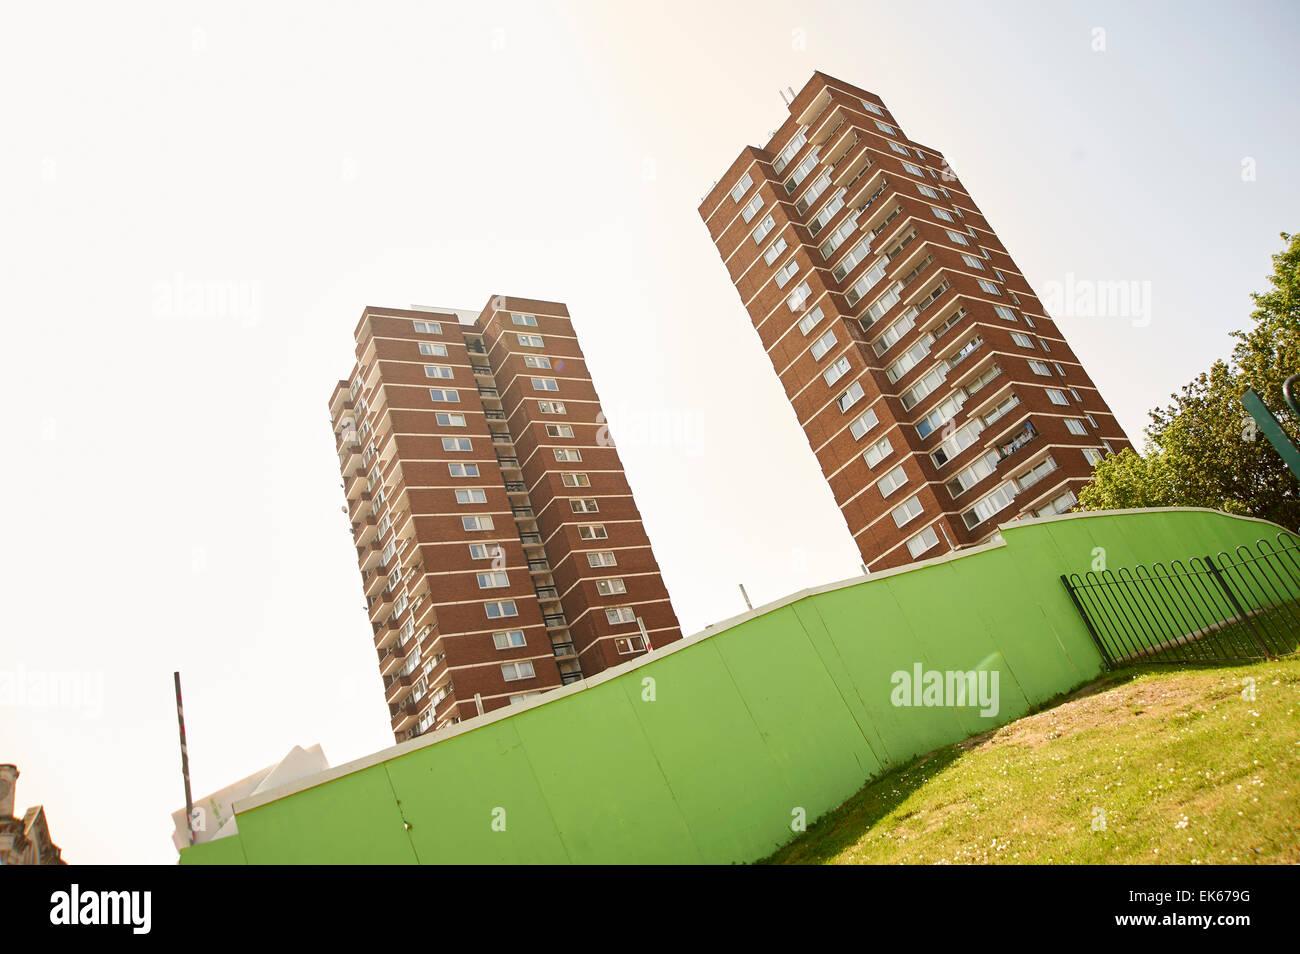 Deux blocs de la tour du conseil à Londres, Angleterre Banque D'Images